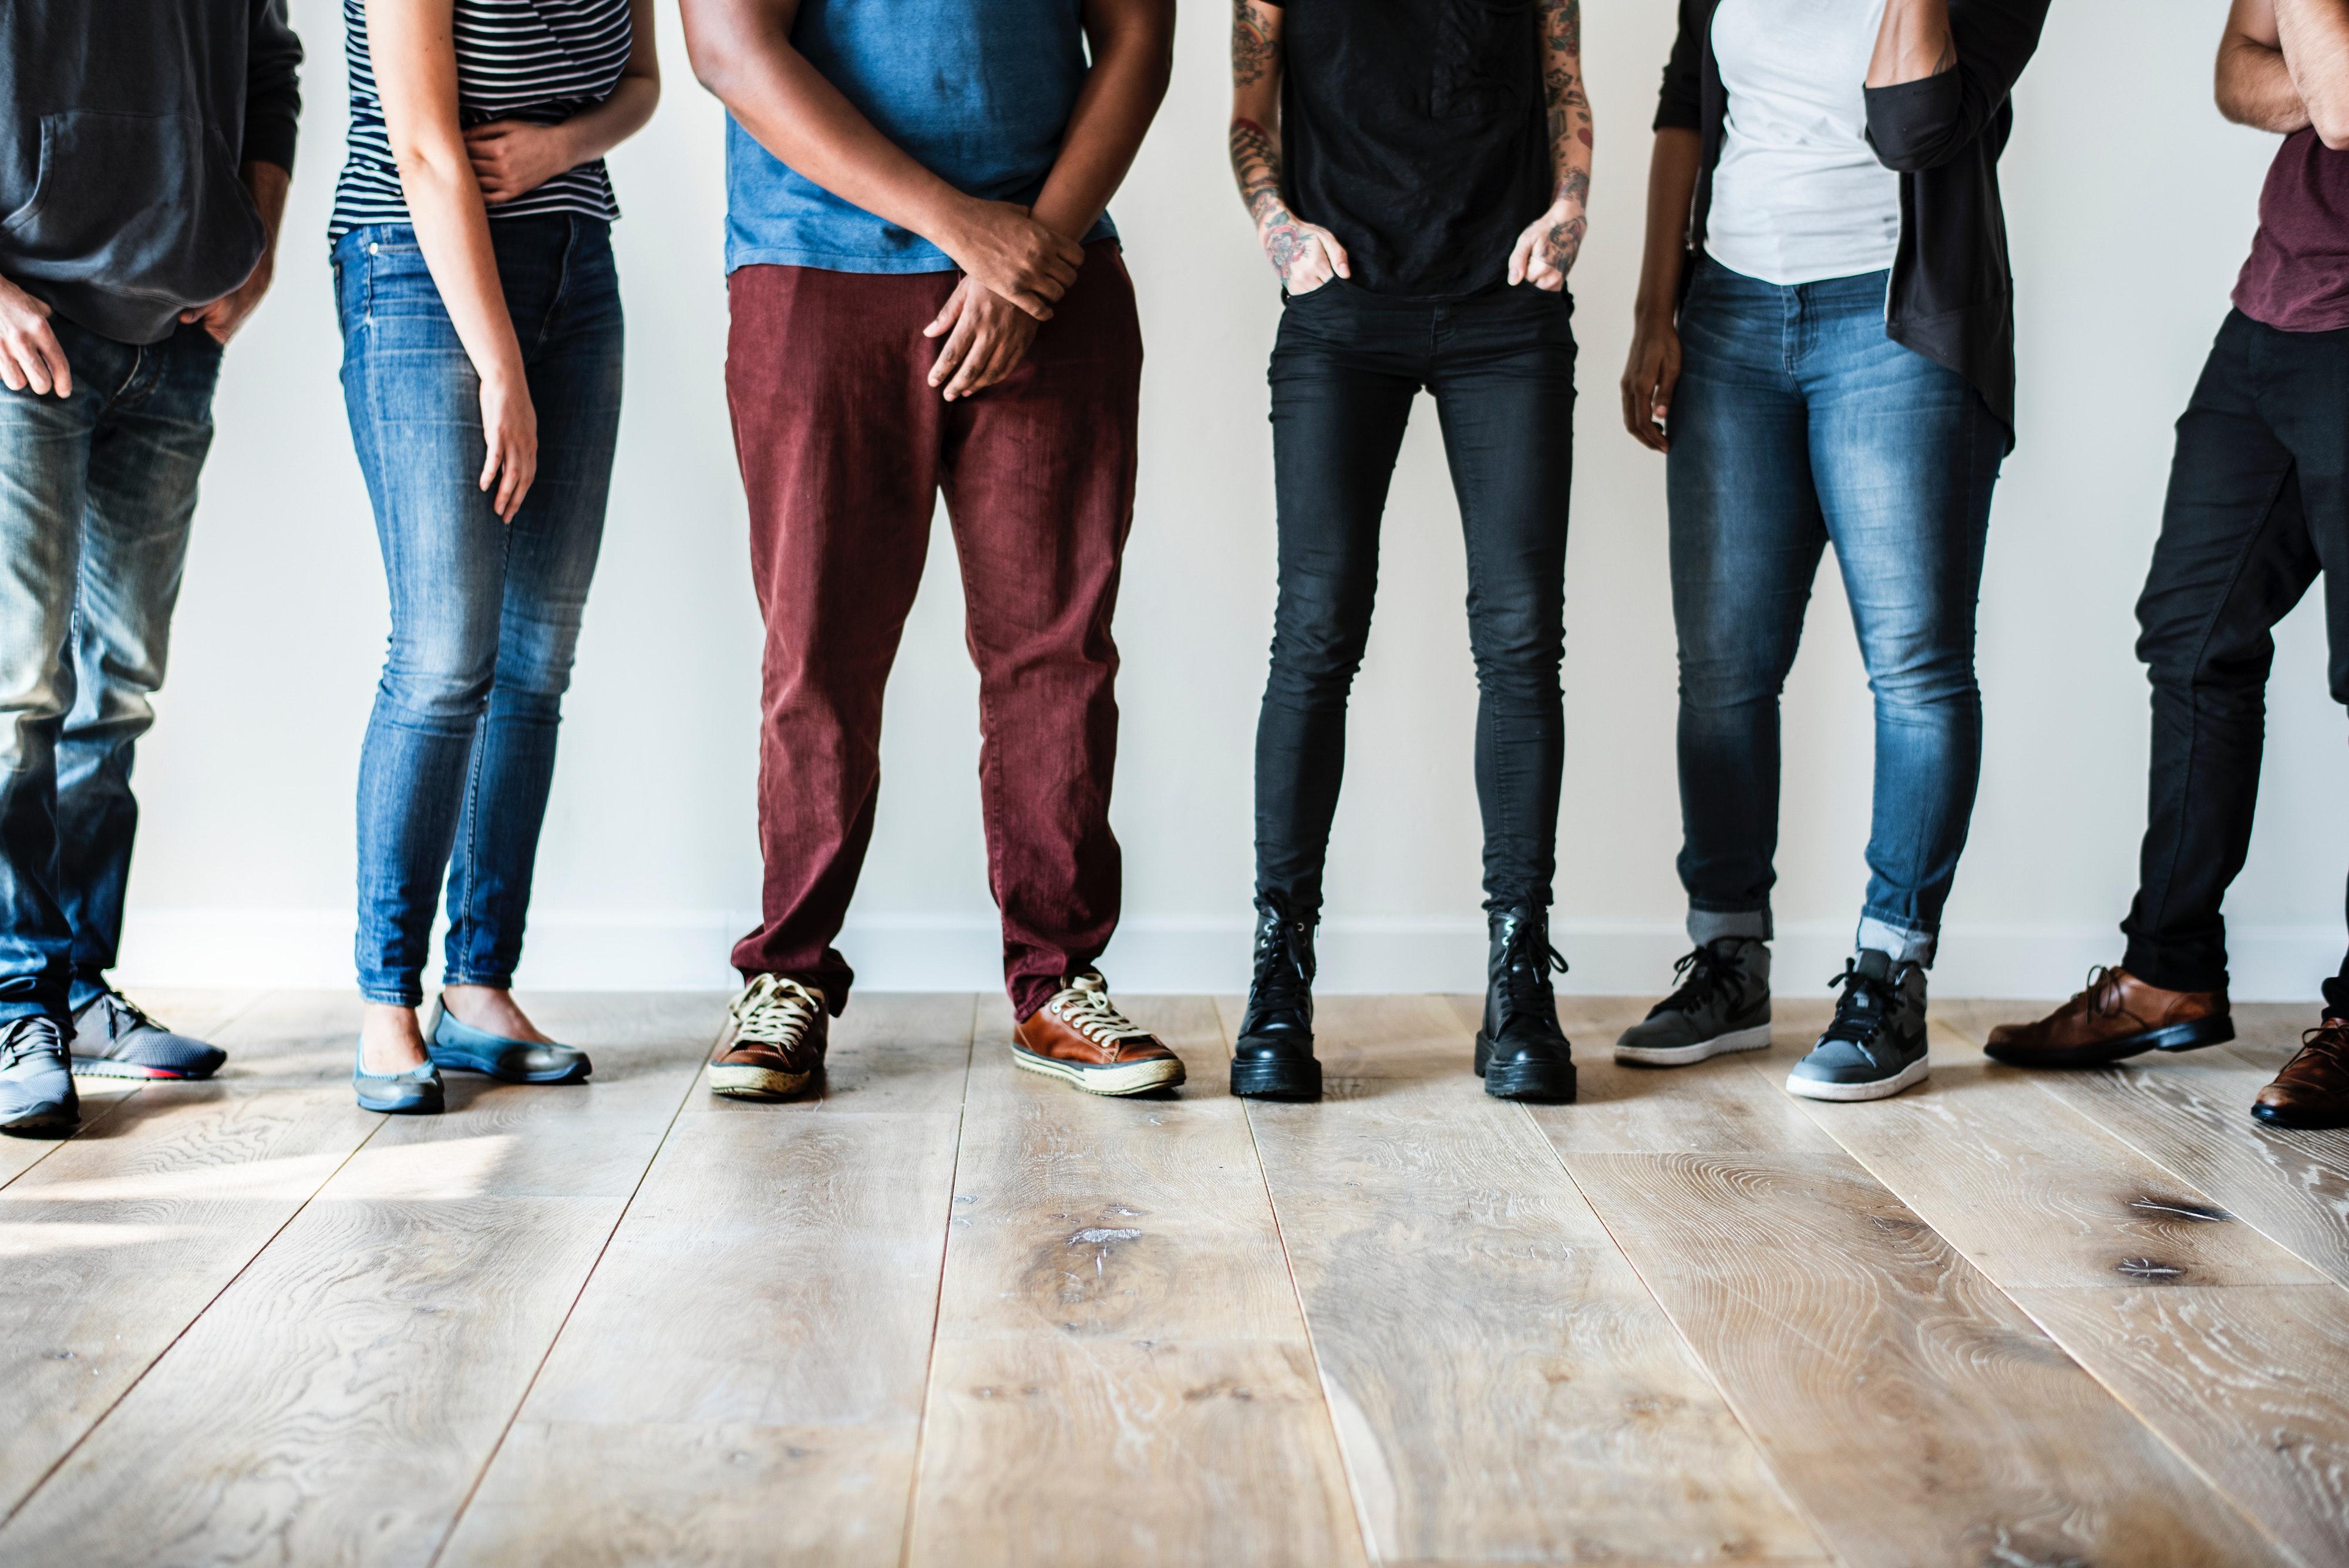 Картинки людей в джинсах